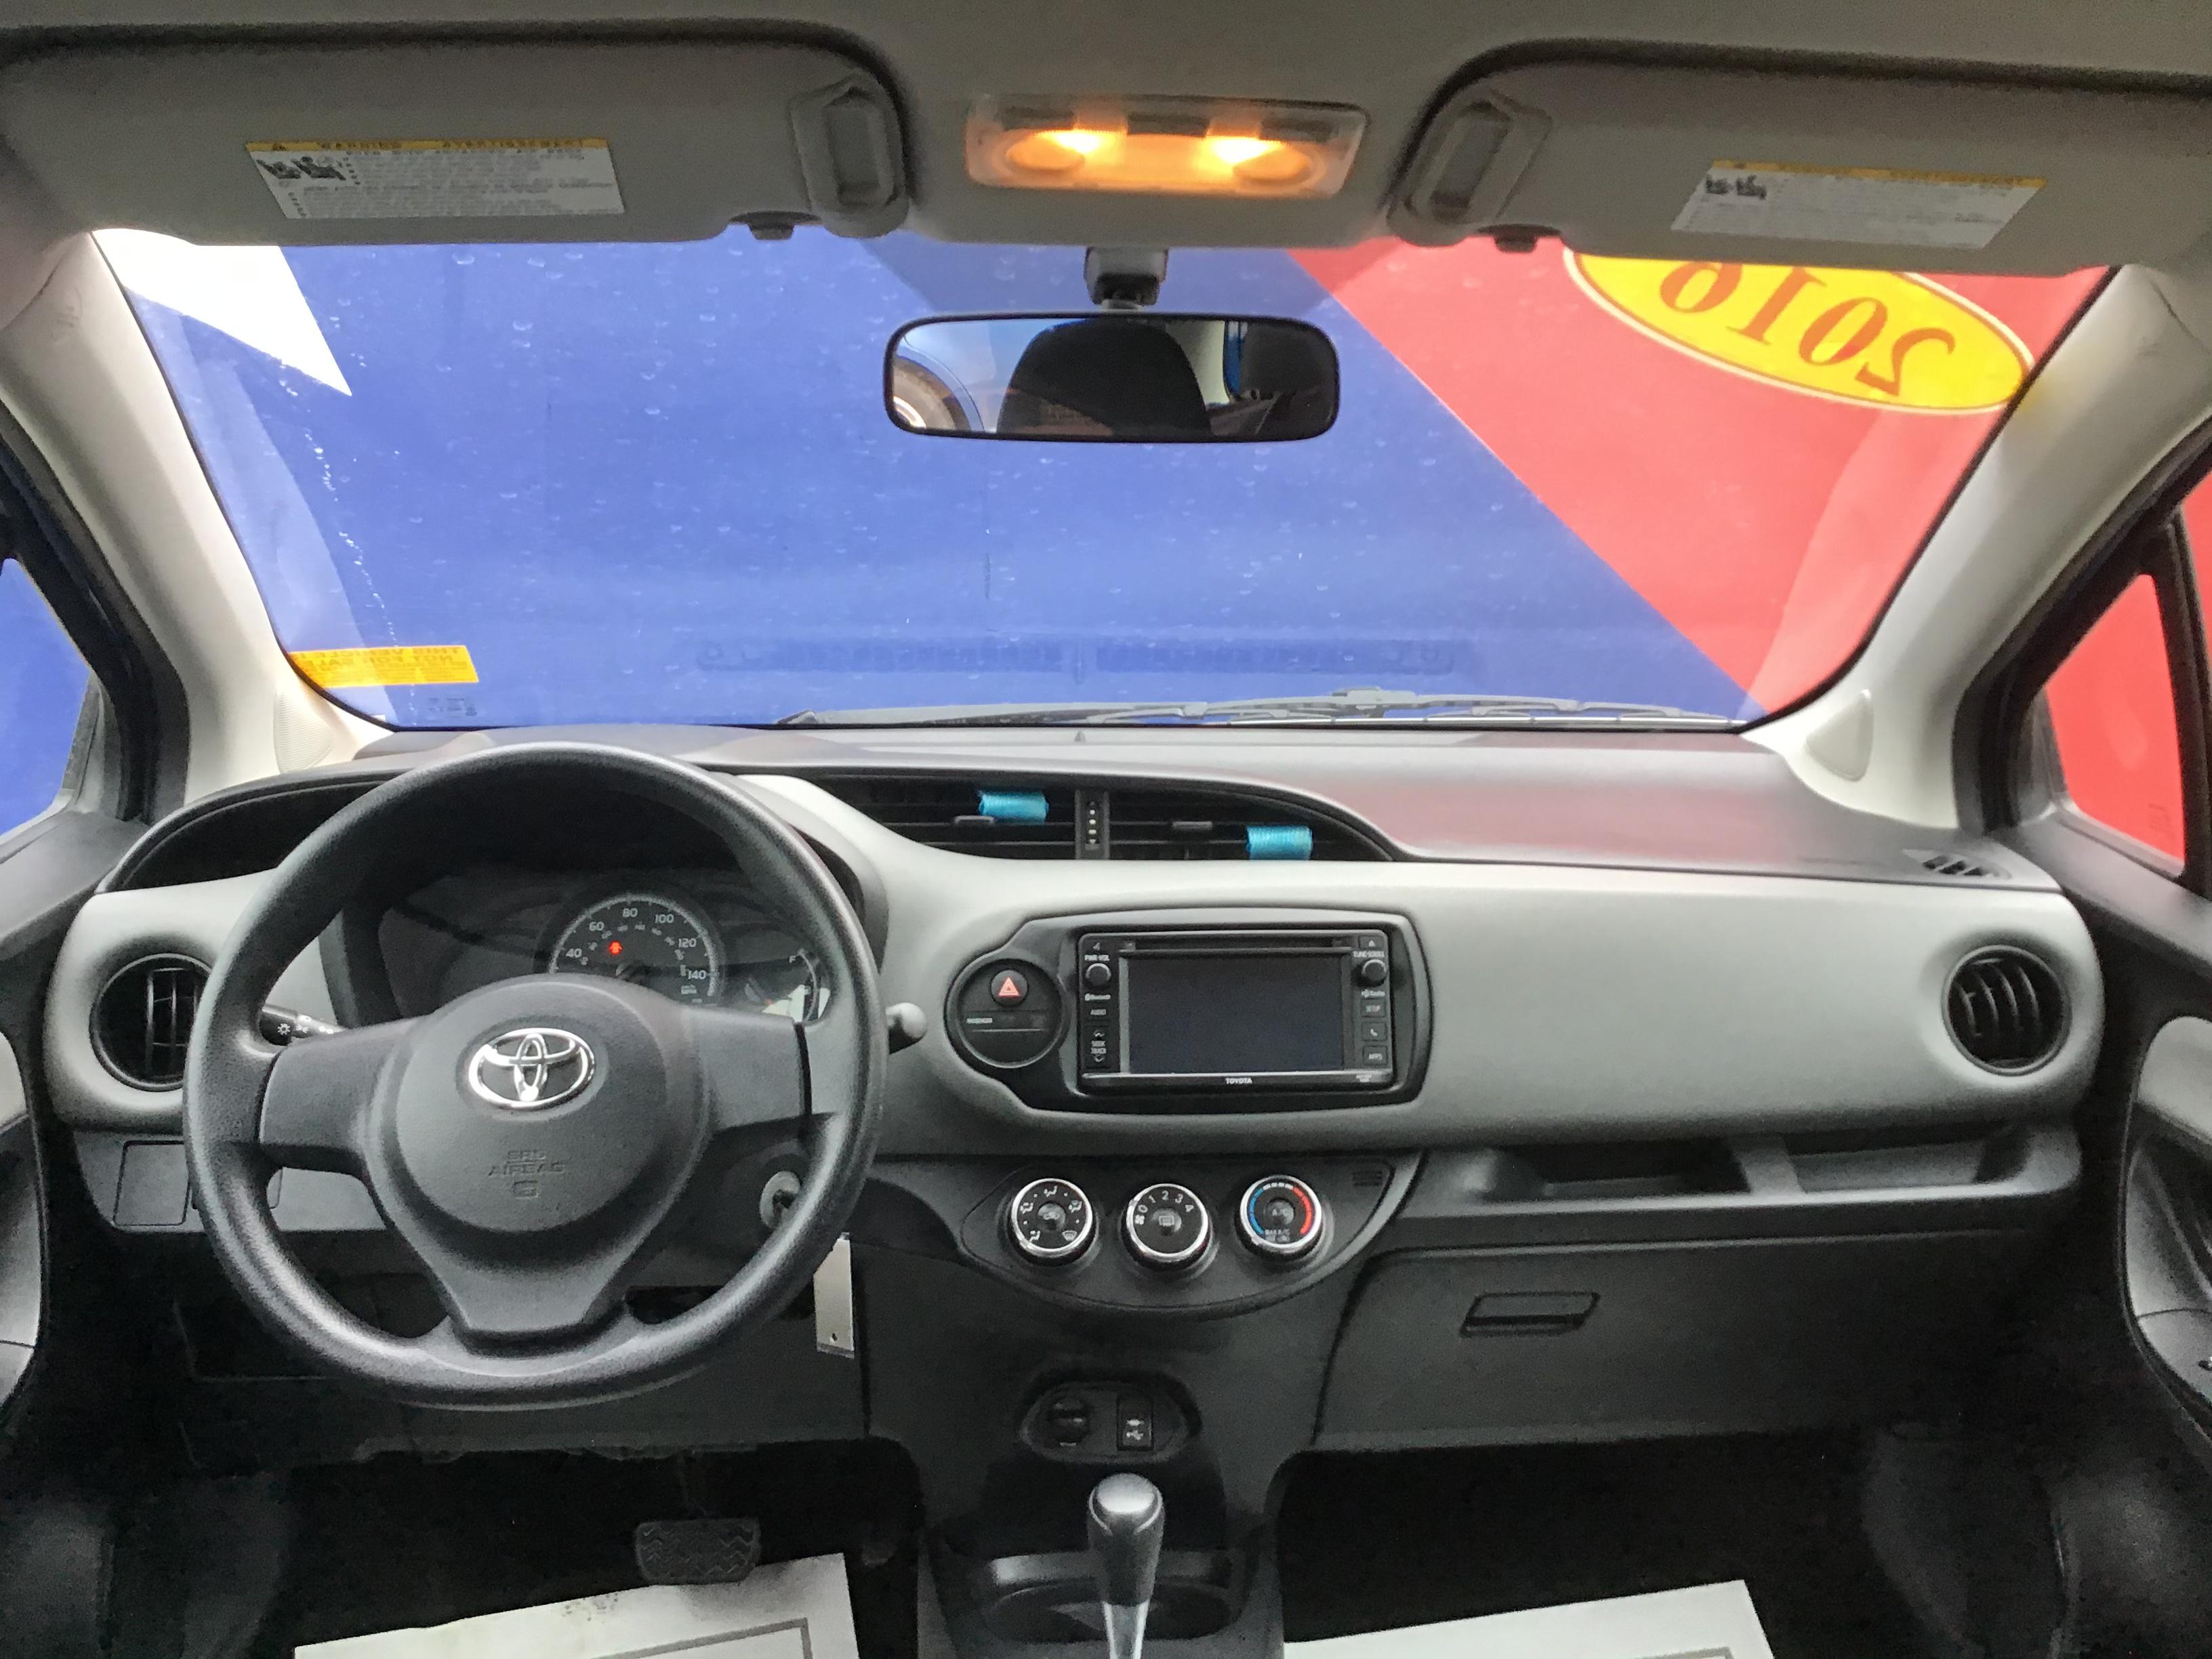 used vehicle - Sedan TOYOTA YARIS 2016